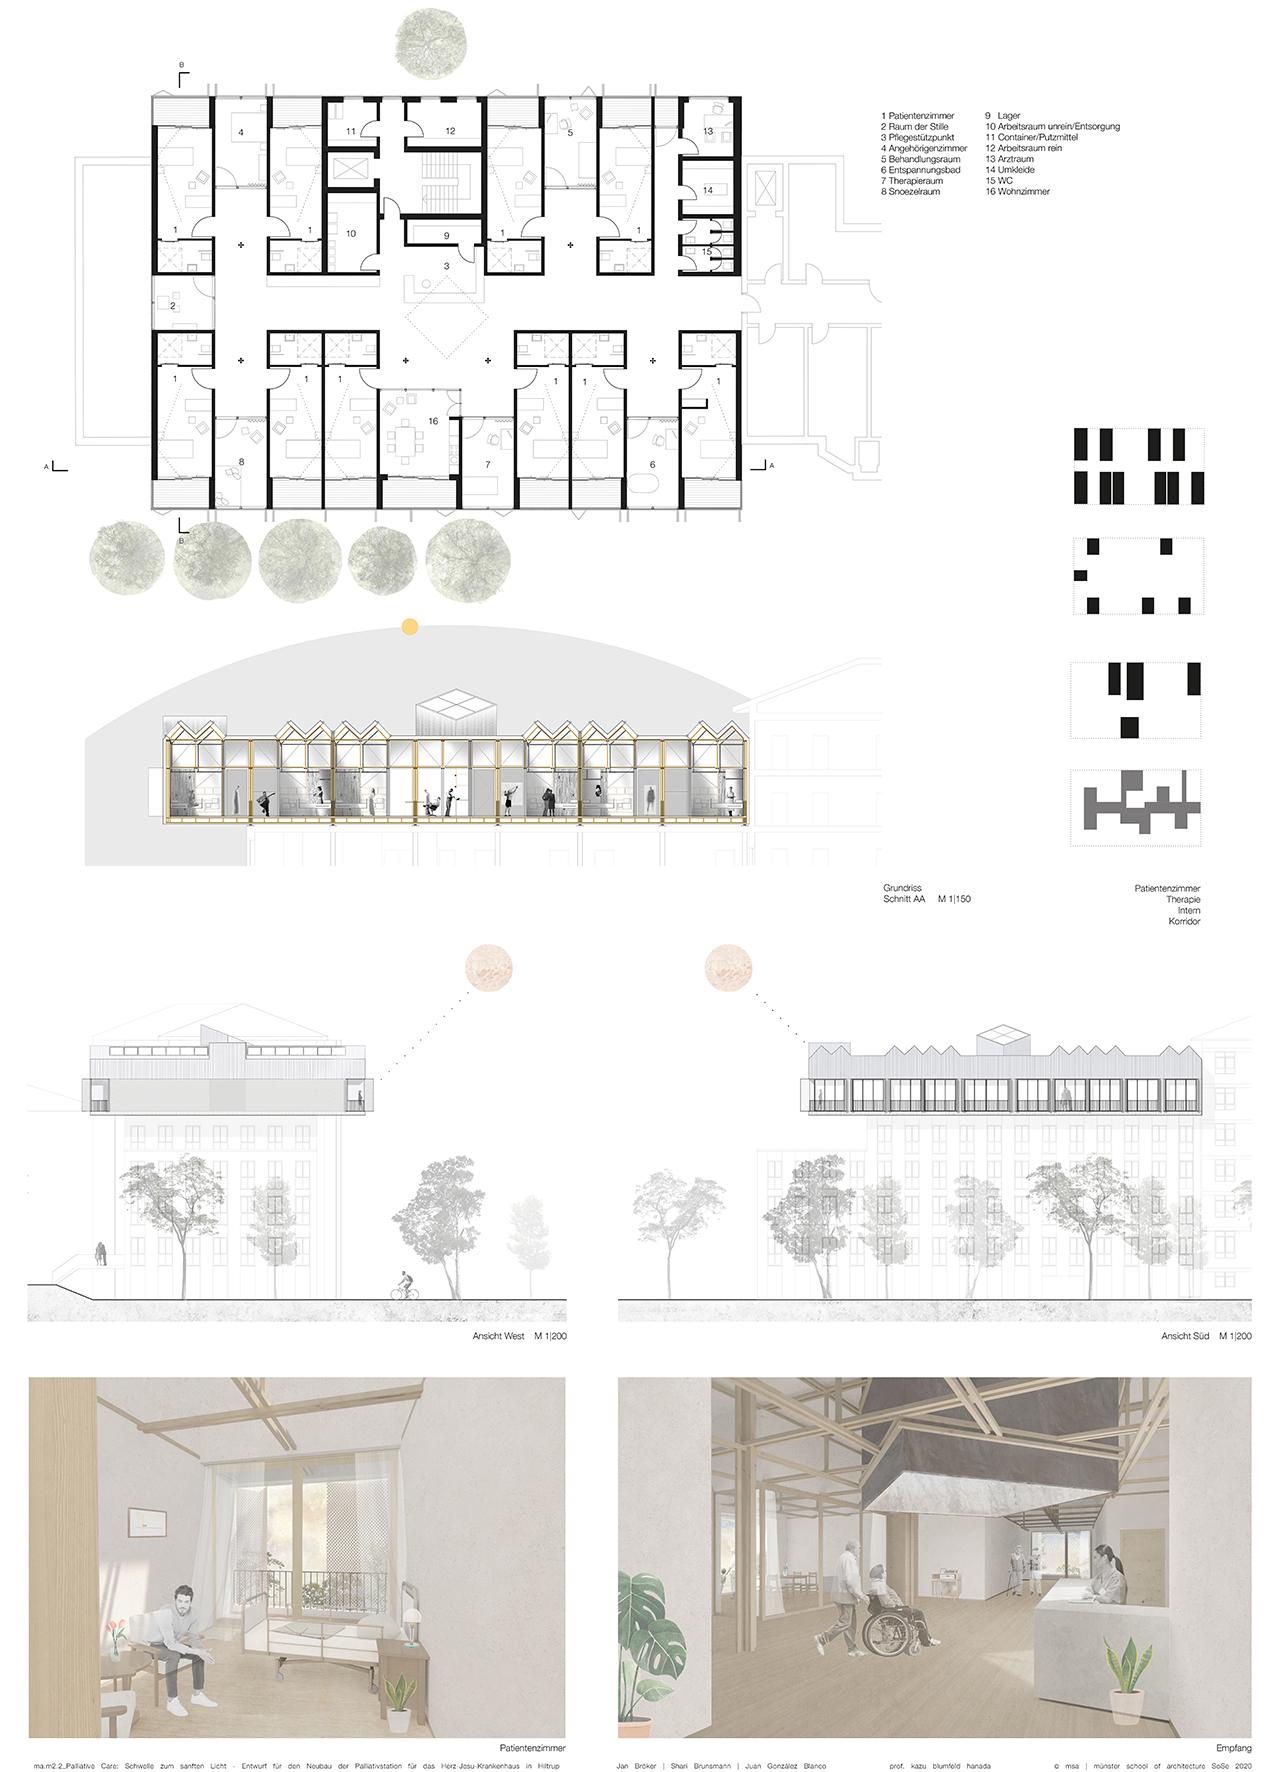 Wichtig war dem Team, eine häusliche Raumatmosphäre zu schaffen. Die reflektierende Außenfassade harmoniert respektvoll mit der Umgebung. (Grafik: FH Münster/Shari Brunsmann, Jan Bröker, Juan González Blanco)